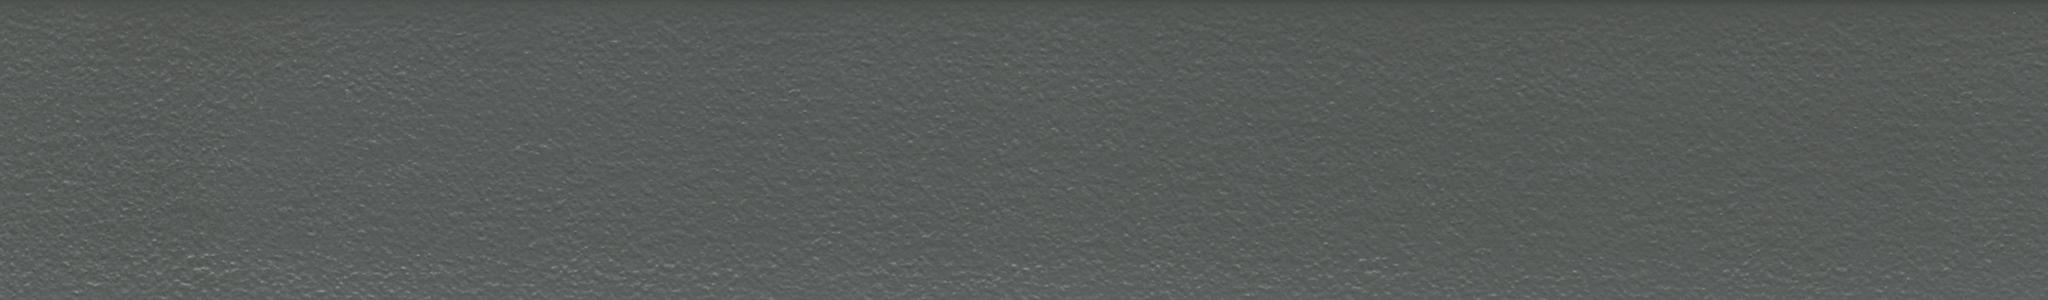 HU 177837 ABS hrana šedá perla jemná 107